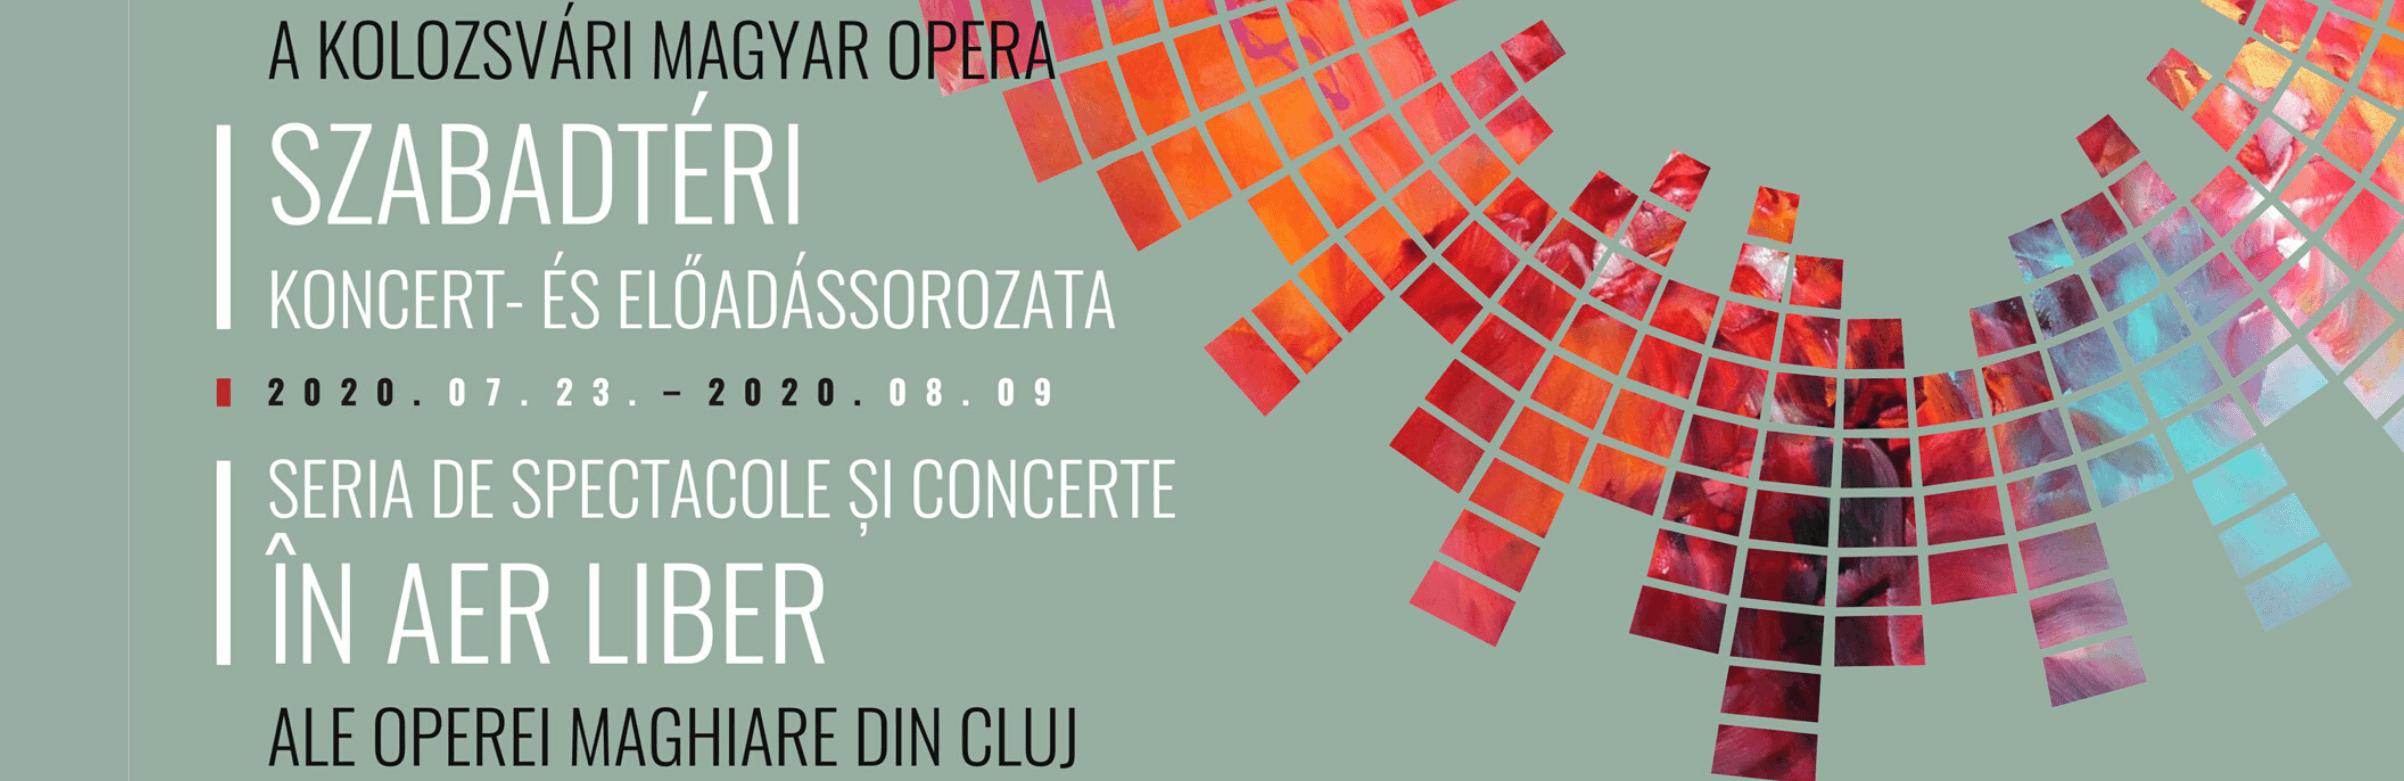 opera maghiara cluj in aer liber